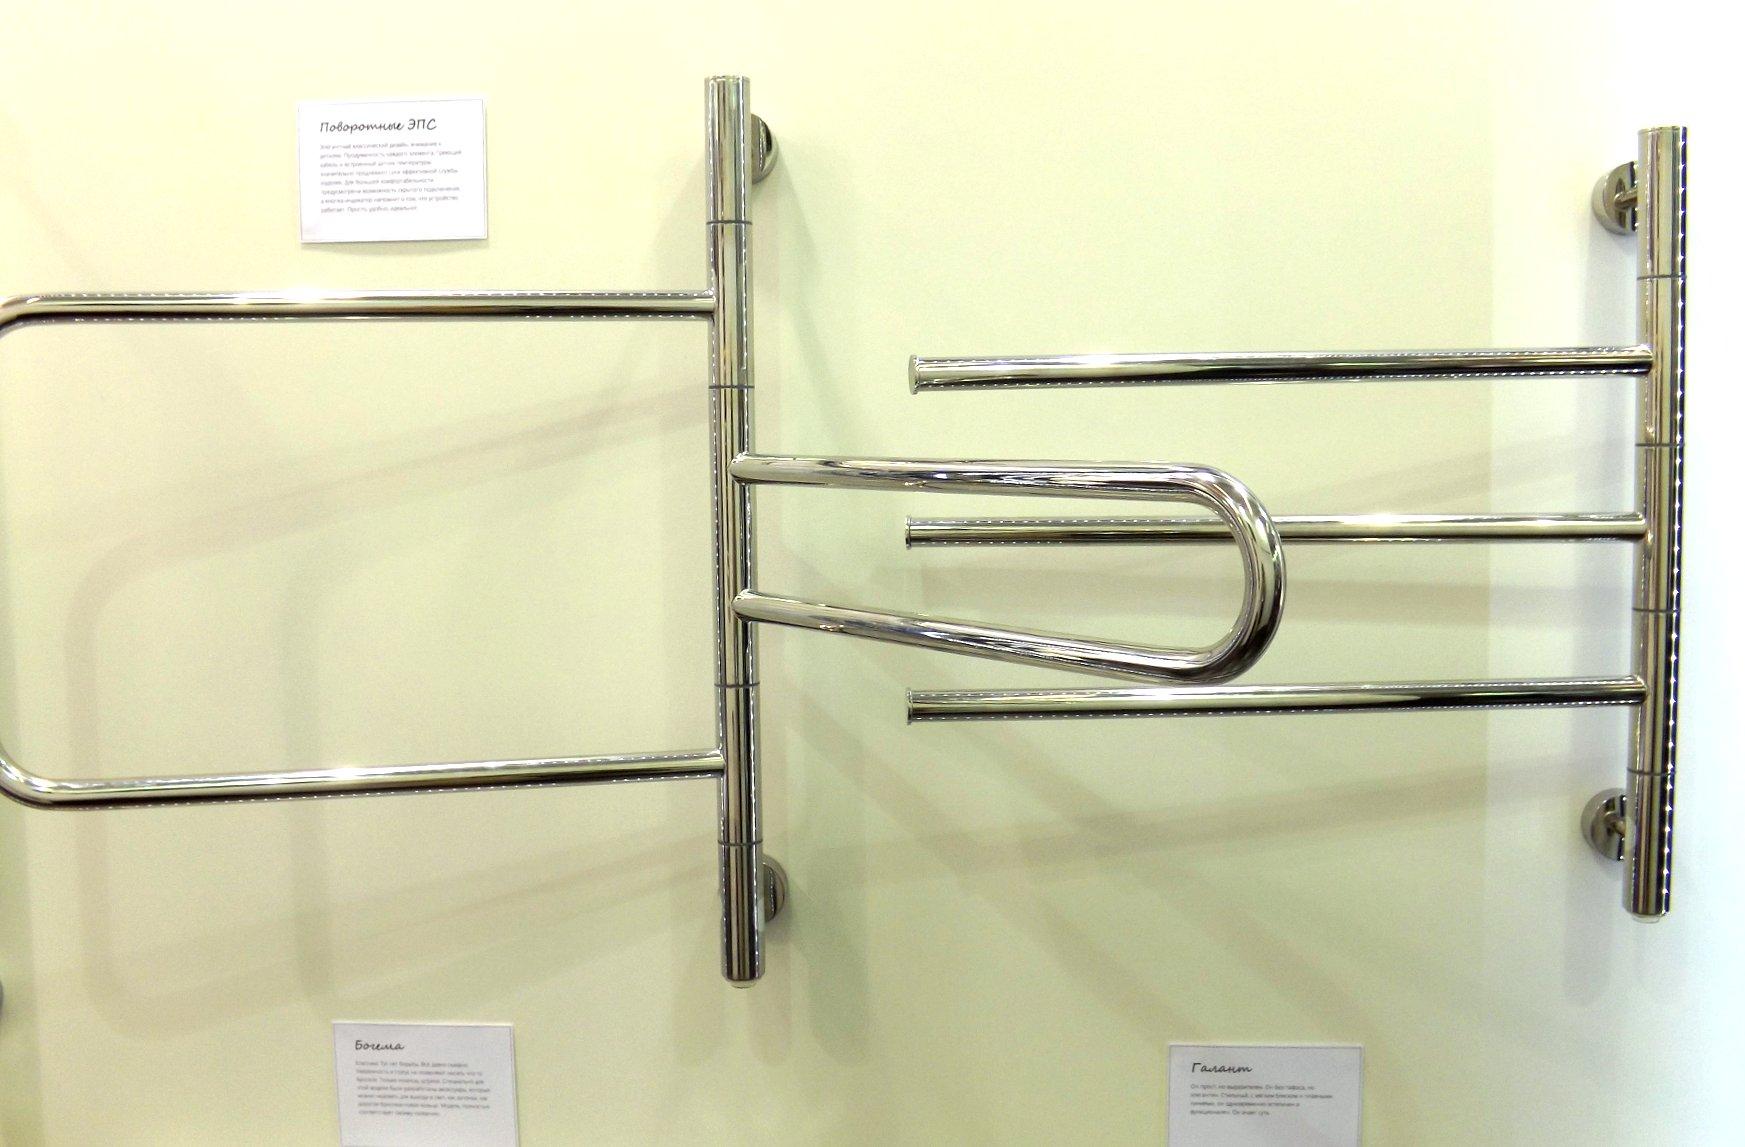 Поворотные электрические полотенцесушители «Компакт» и «Триада» (слева направо) от «Сунержа» на международной строительной выставке «МосБилд 2016»